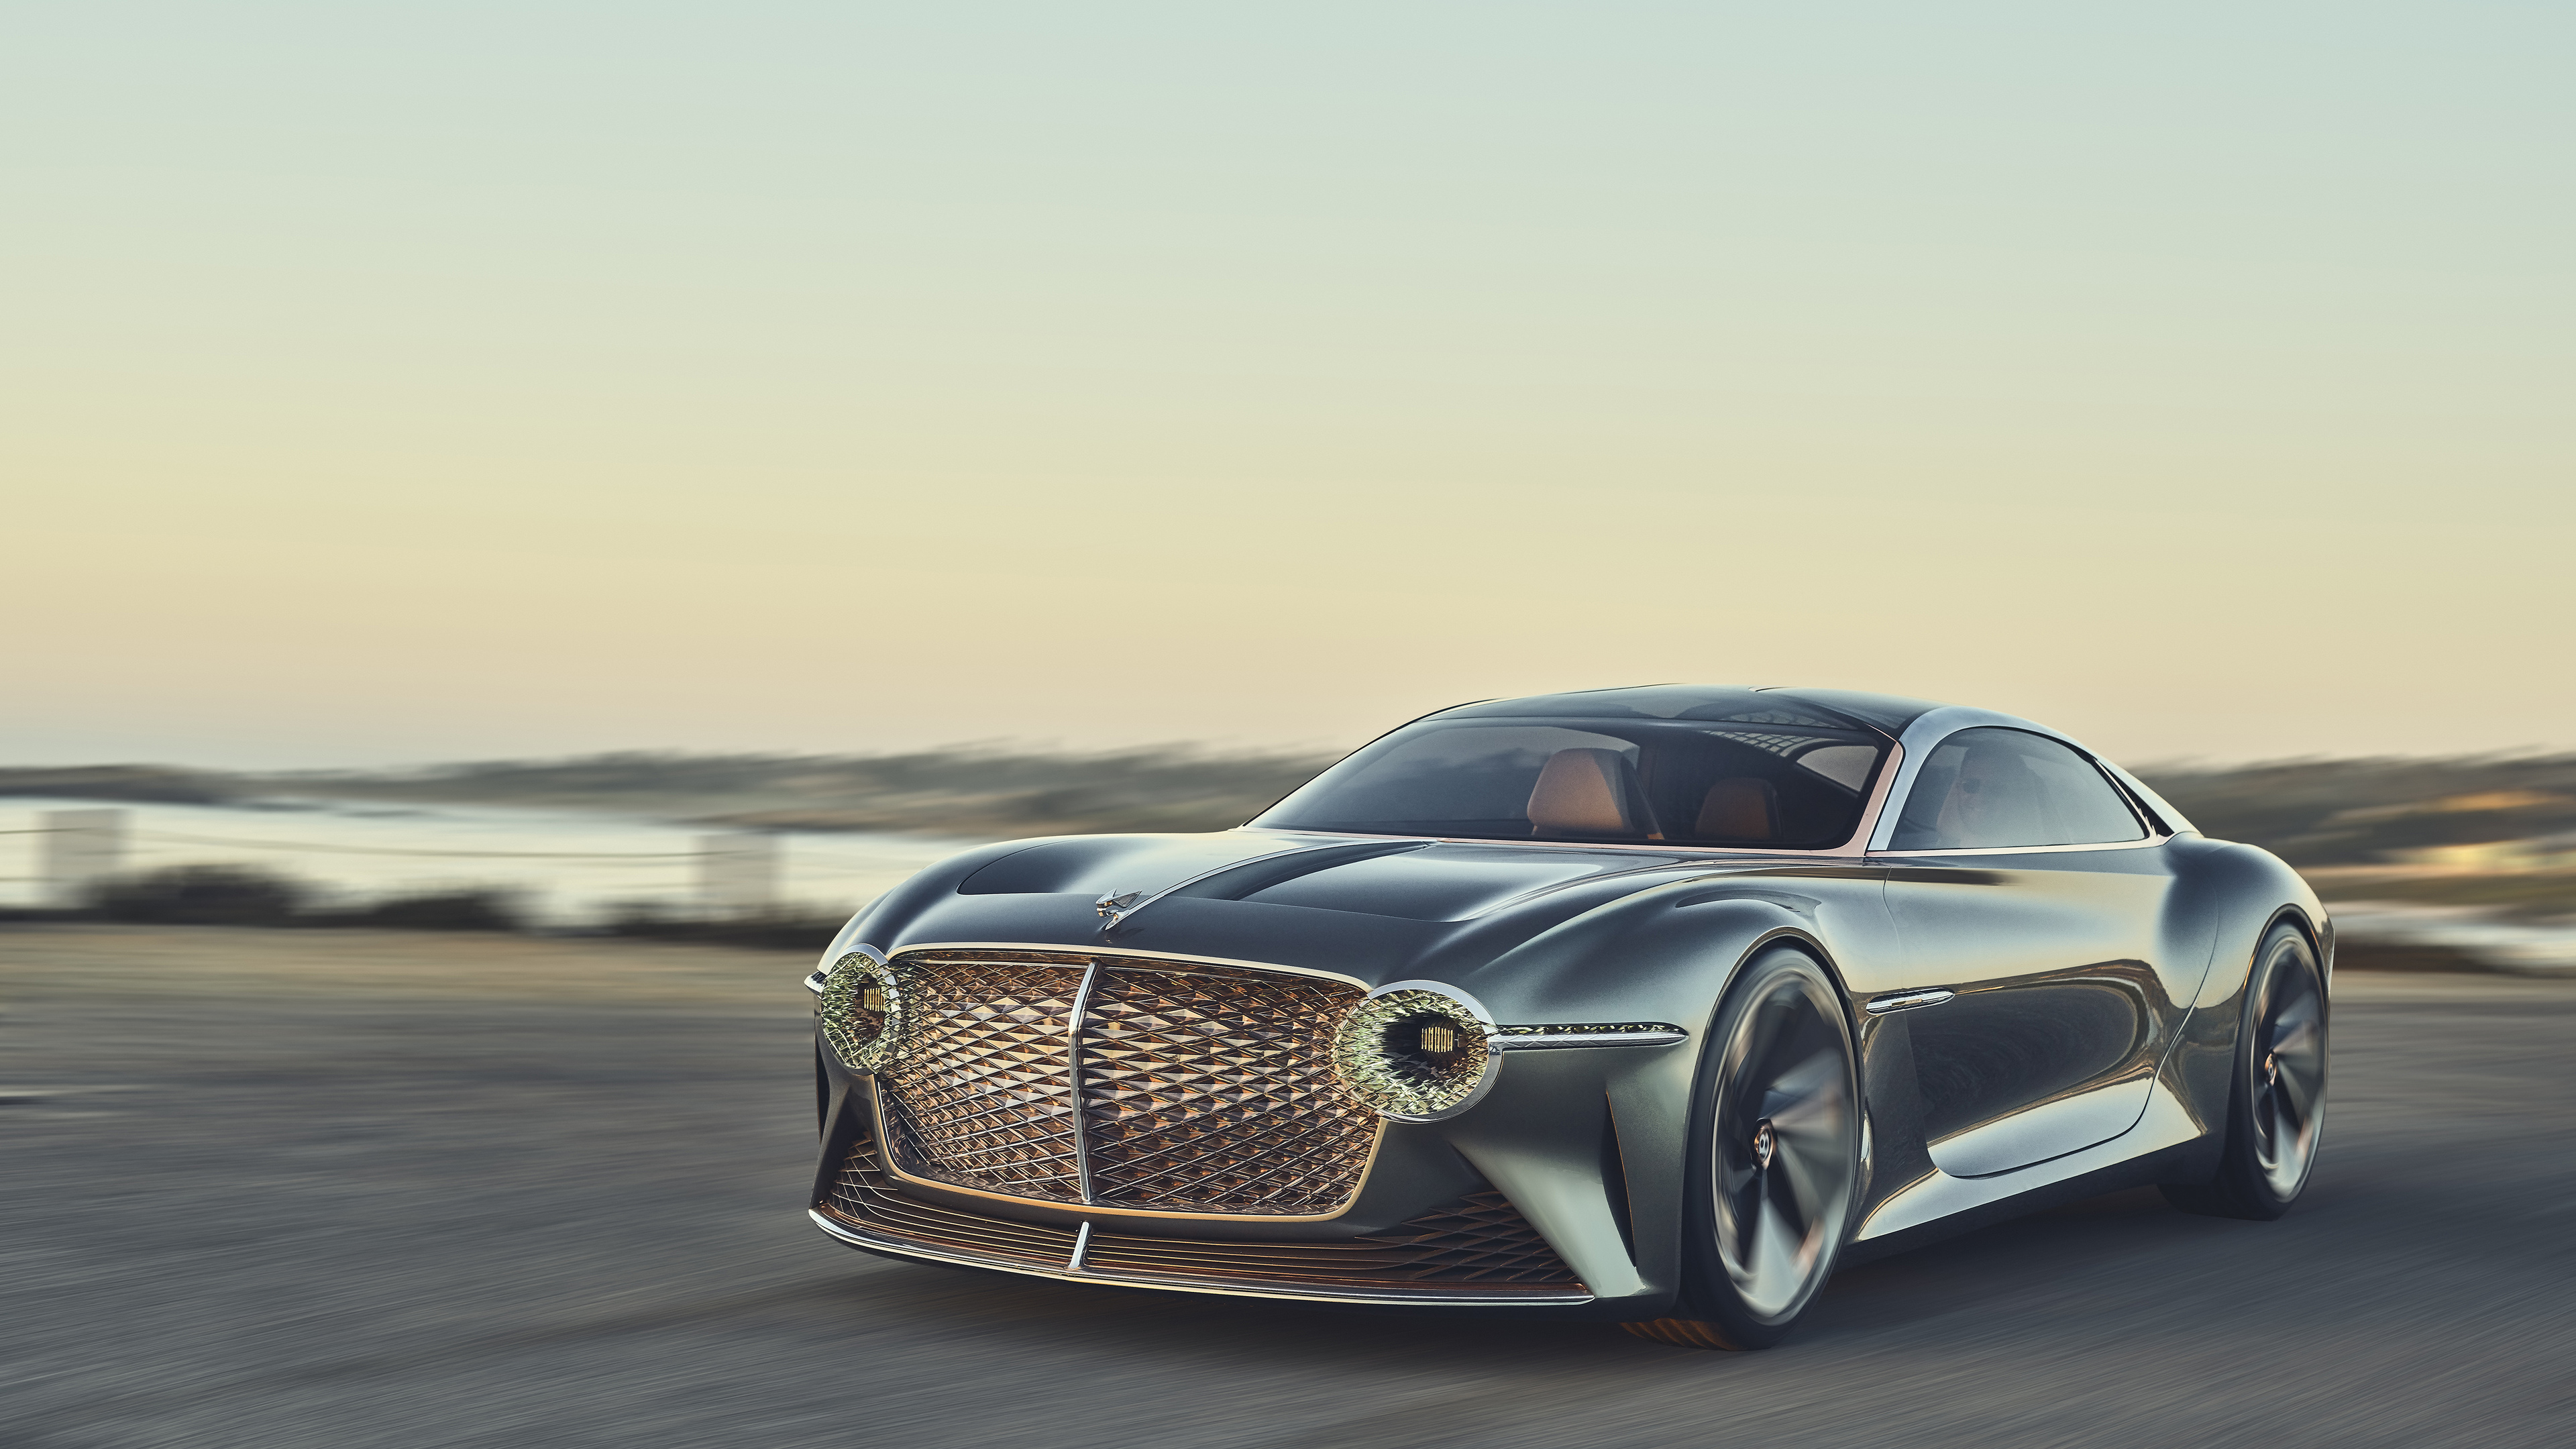 bentley exp 100 gt 2019 1569189439 - Bentley EXP 100 GT 2019 - hd-wallpapers, cars wallpapers, bentley wallpapers, bentley exp 100 gt wallpapers, 5k wallpapers, 4k-wallpapers, 2019 cars wallpapers